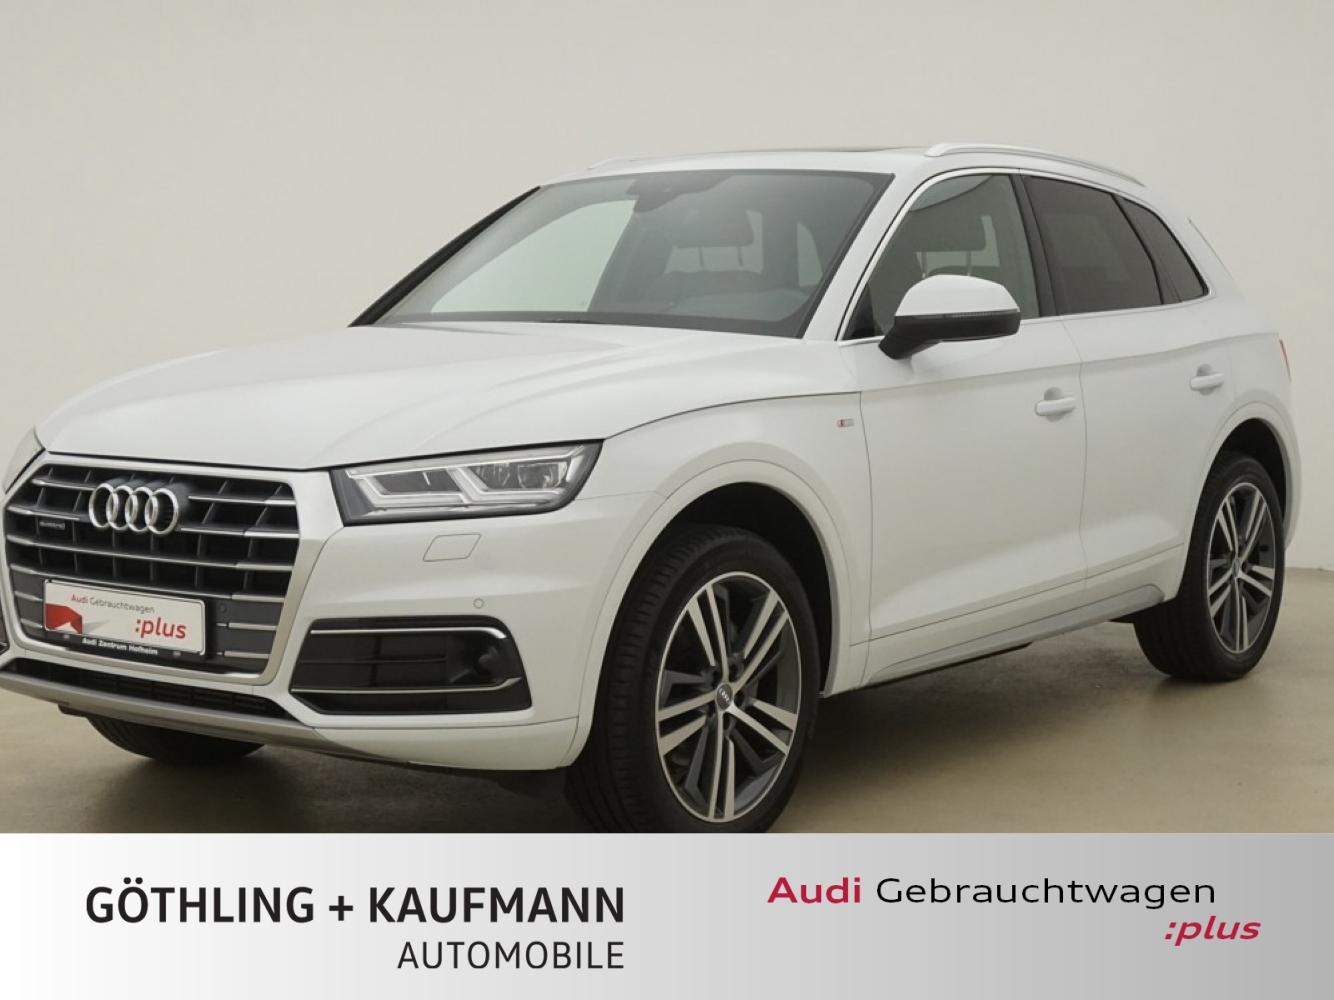 Audi Q5 45 TFSI qu S line S tro. 180kW*ACC*HUD*Pano*L, Jahr 2019, Benzin